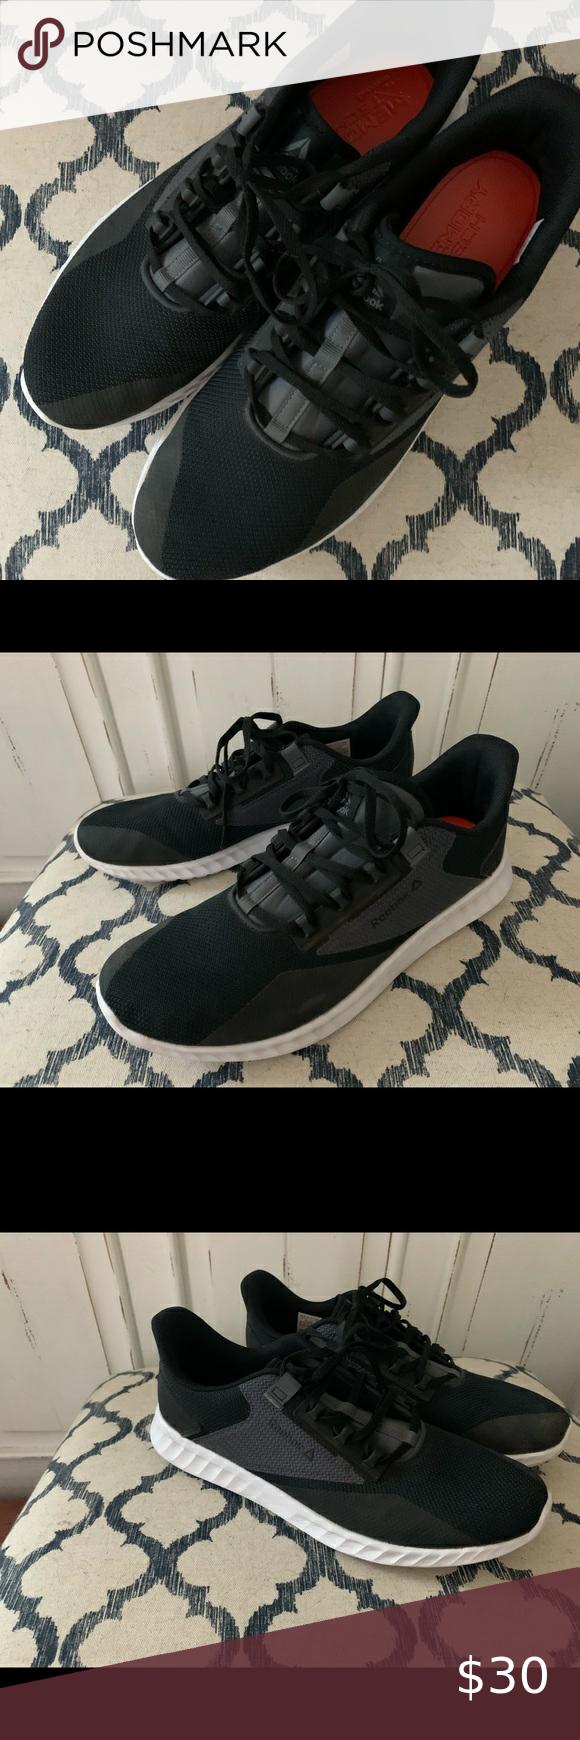 Reebok fuel foam - Memory foam shoes in